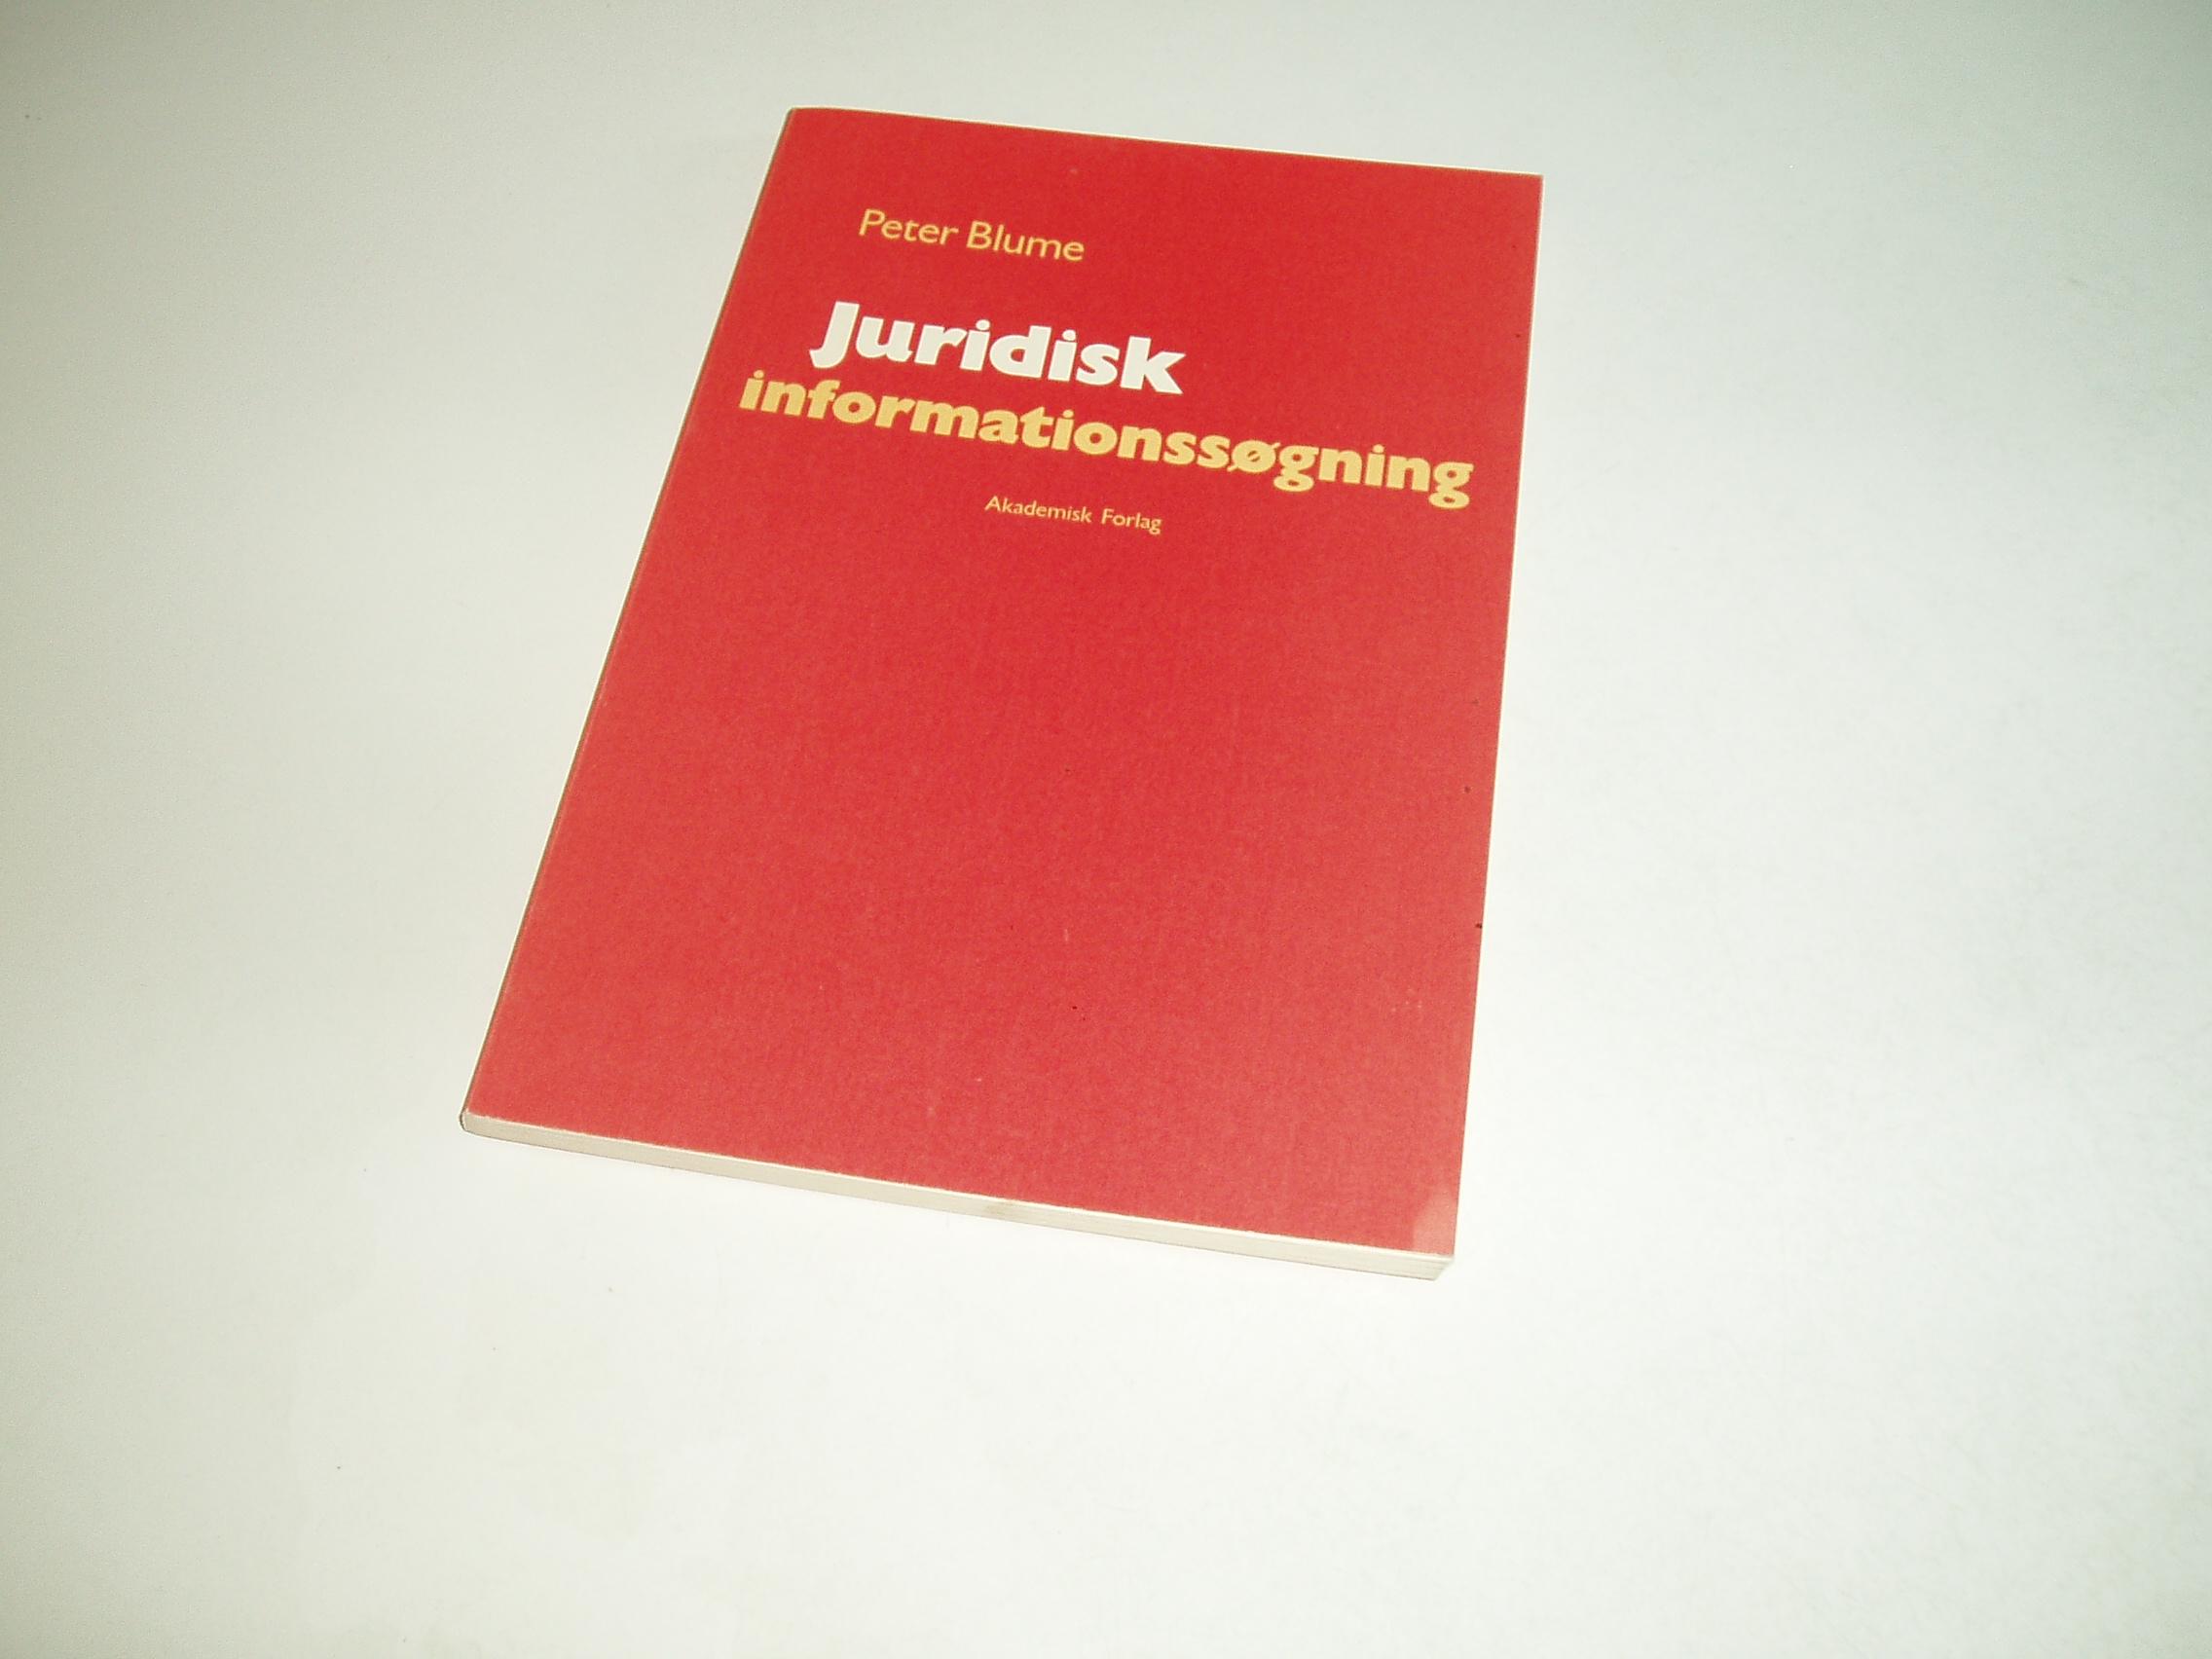 Juridisk informationssøgning